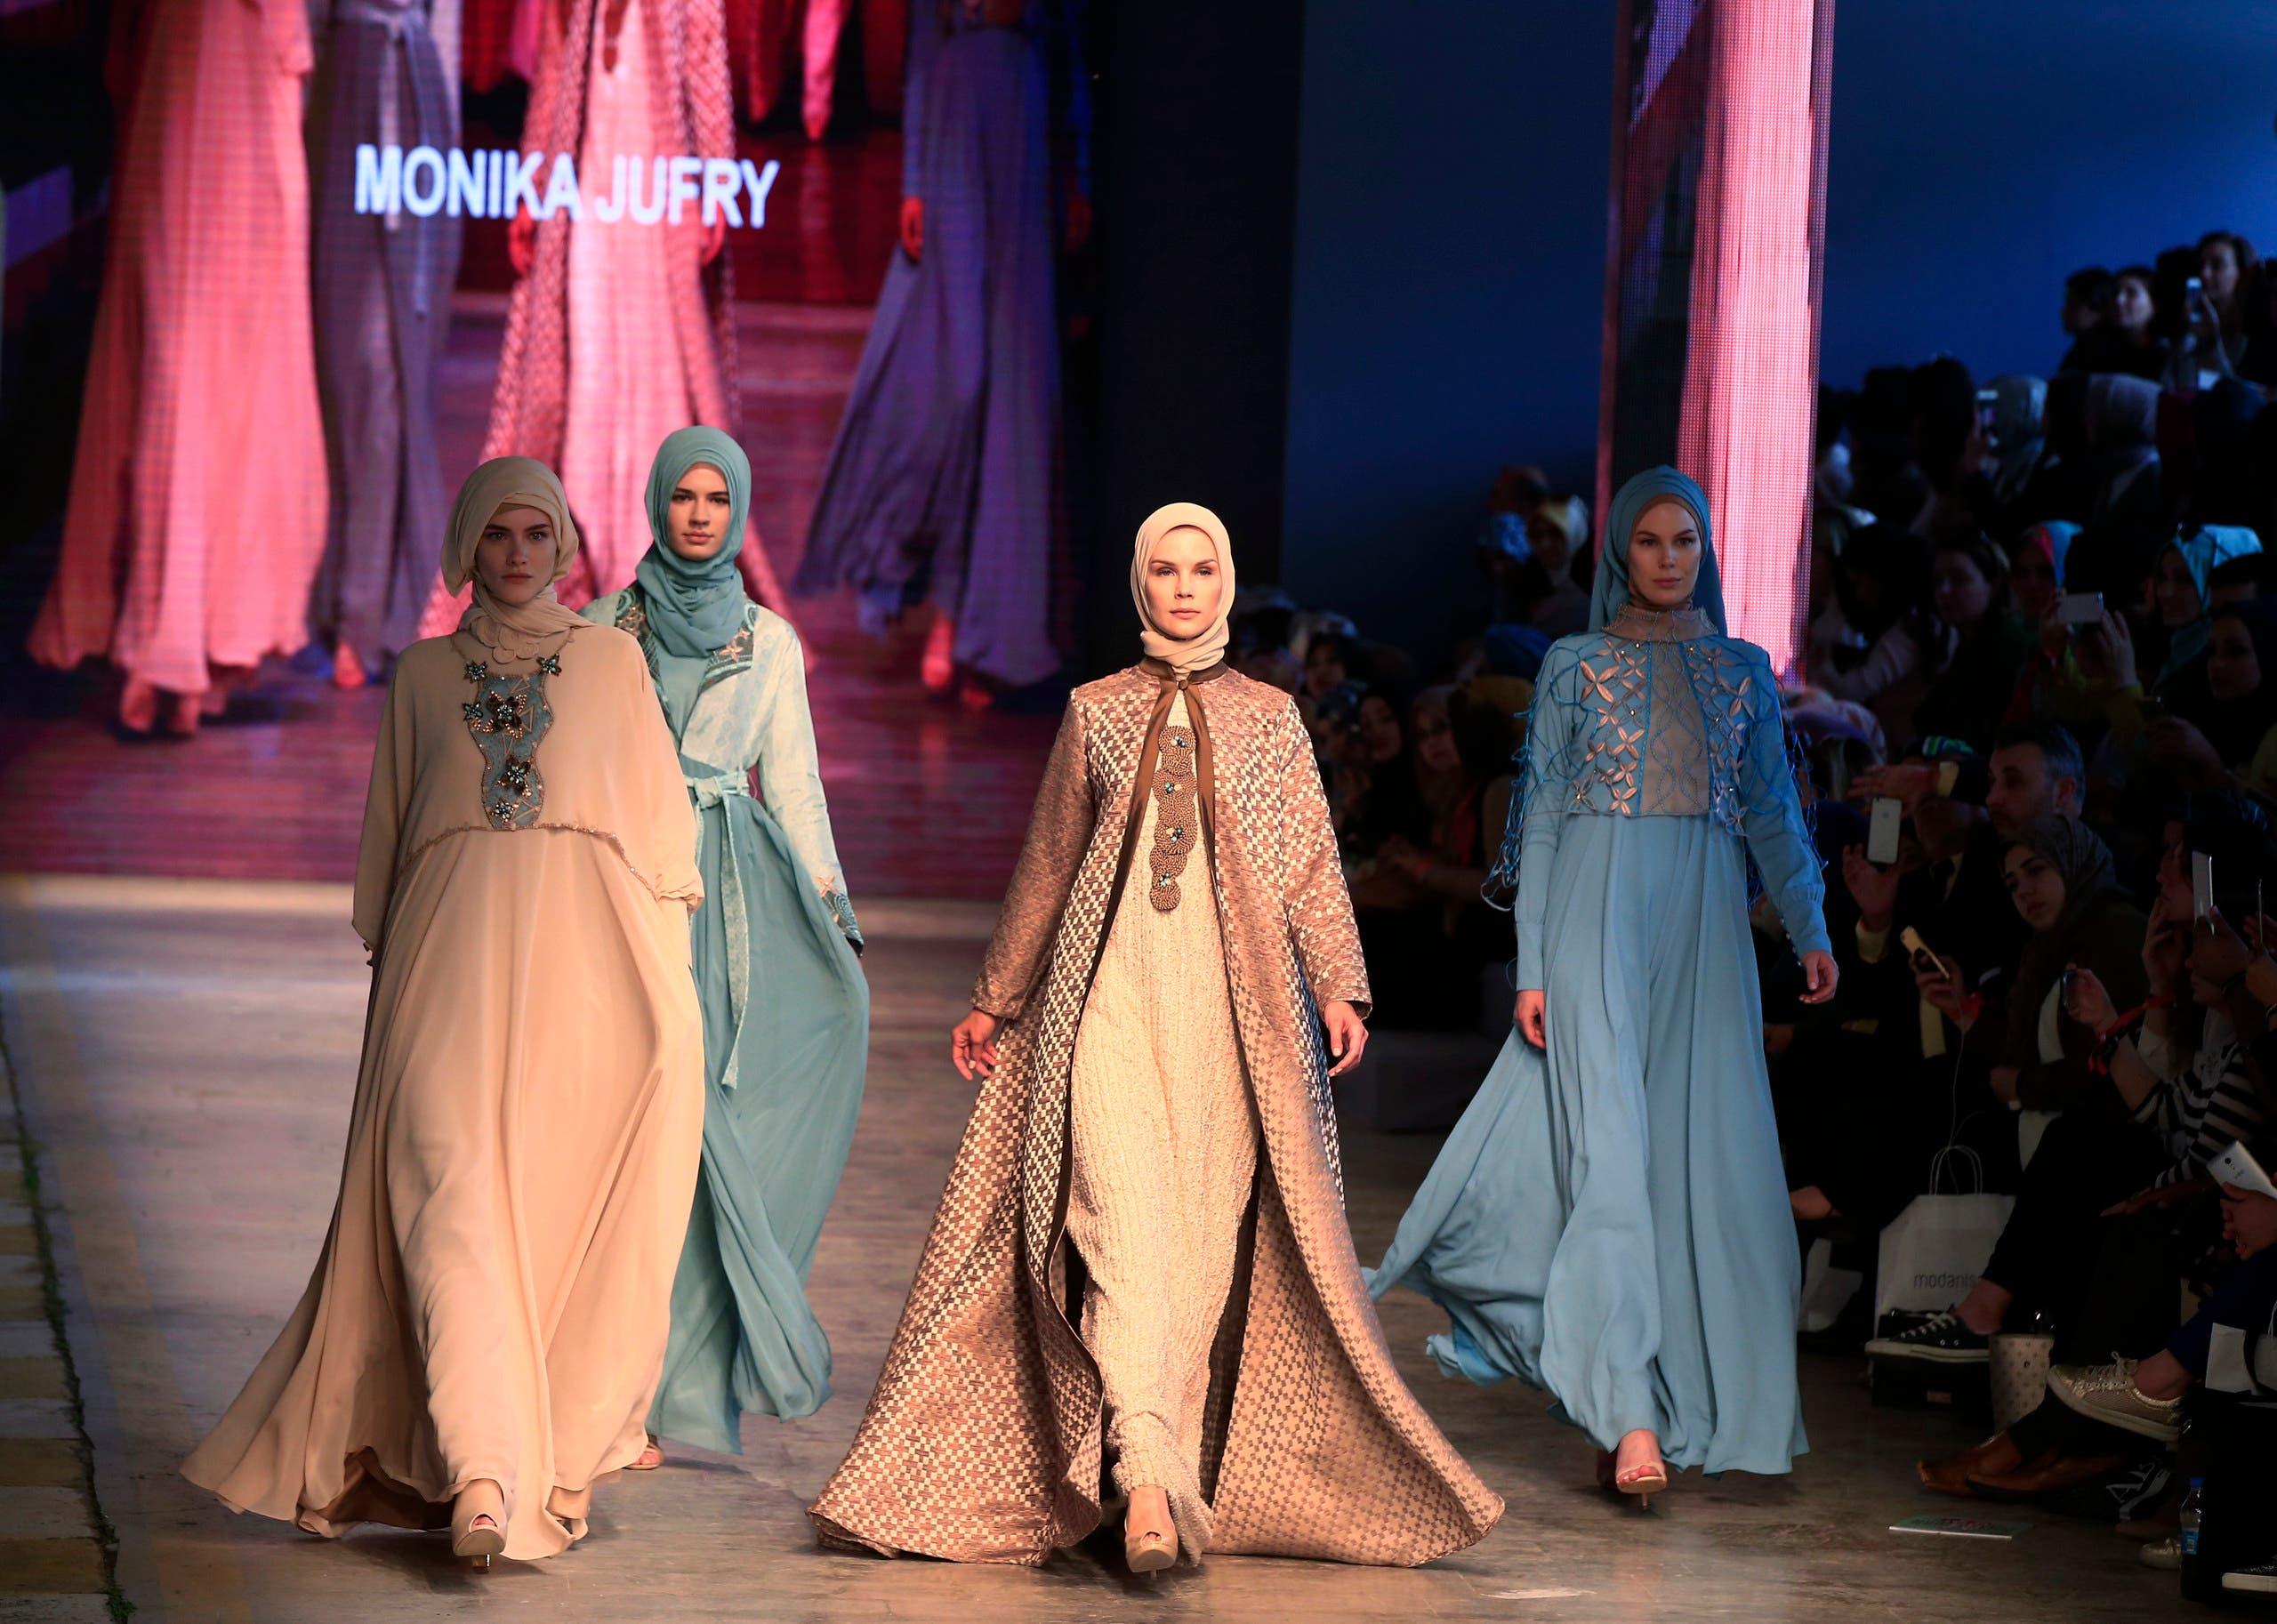 Modest Fashion Show In Turkey